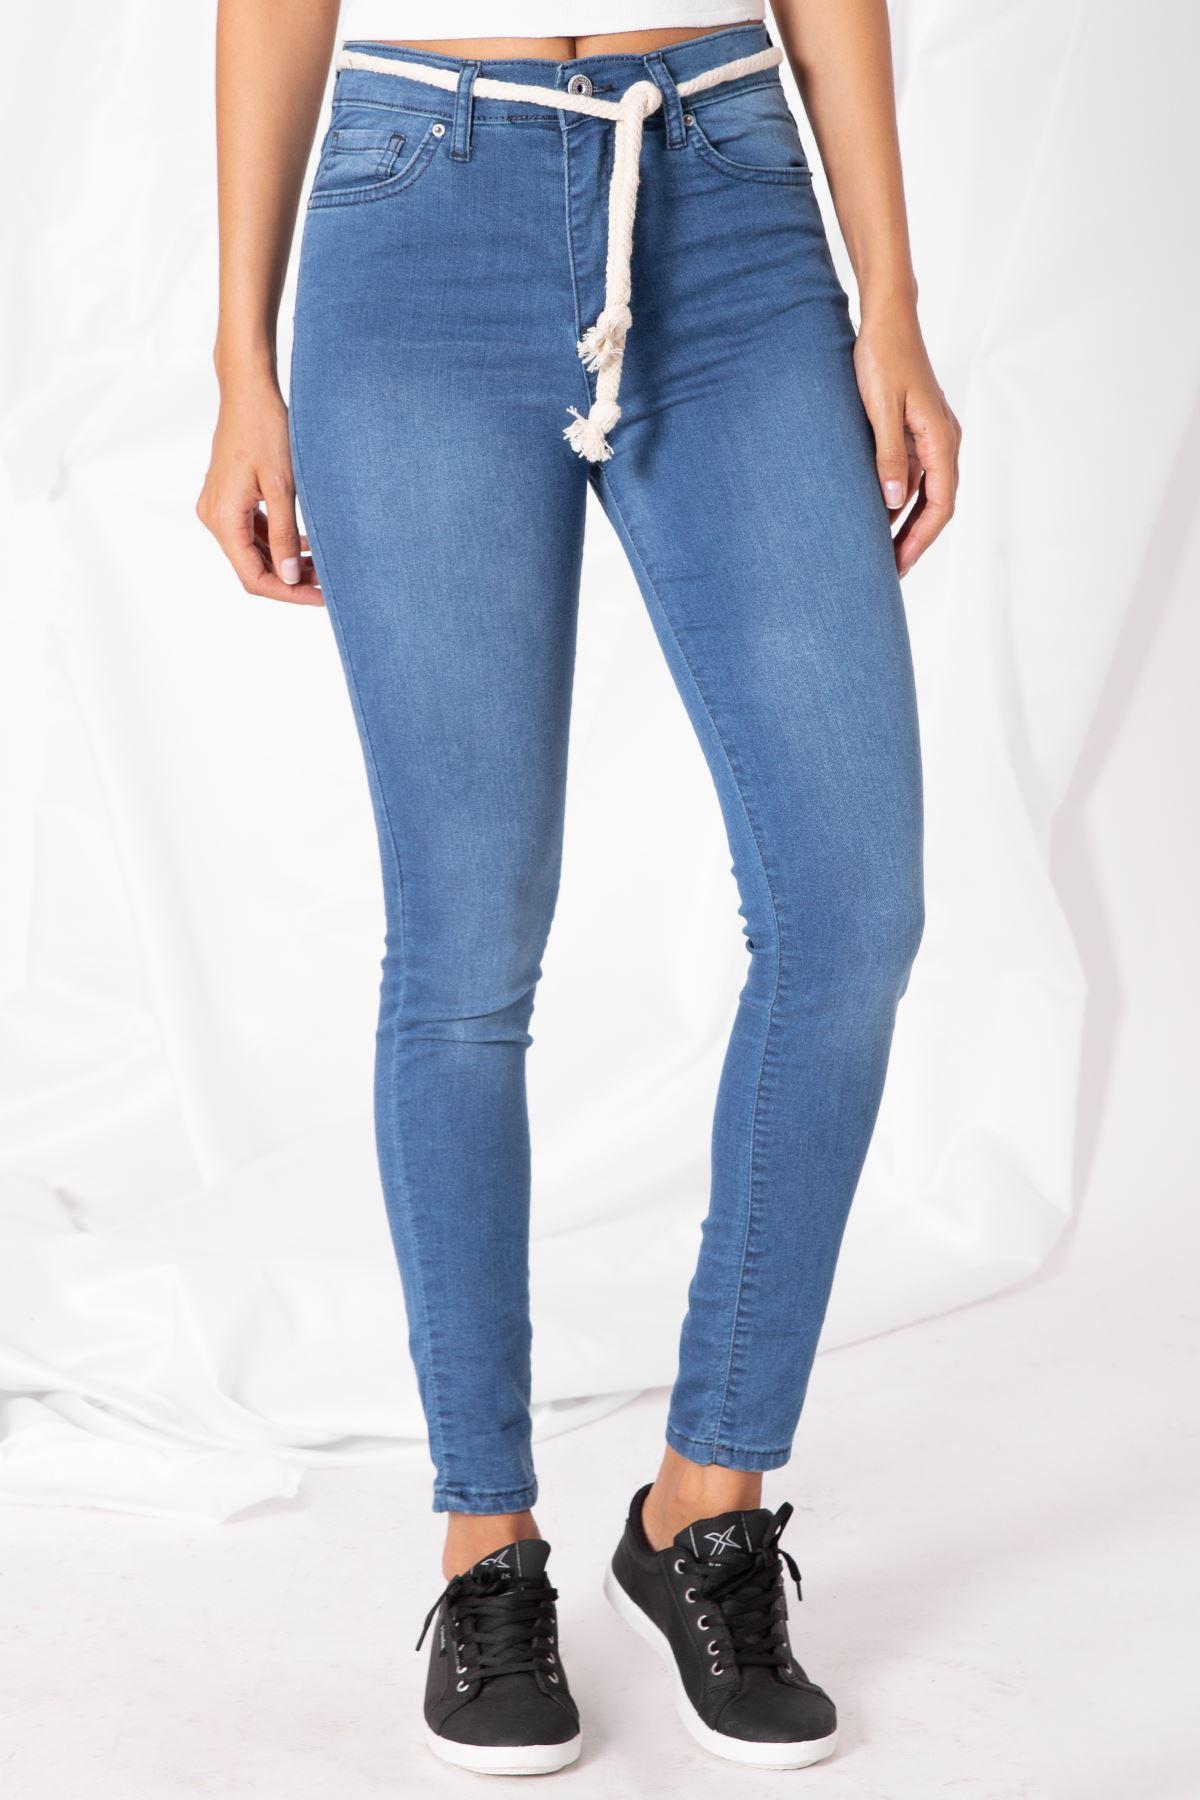 Kadın Likralı İp Bağcıklı Mavi Kot Pantolon